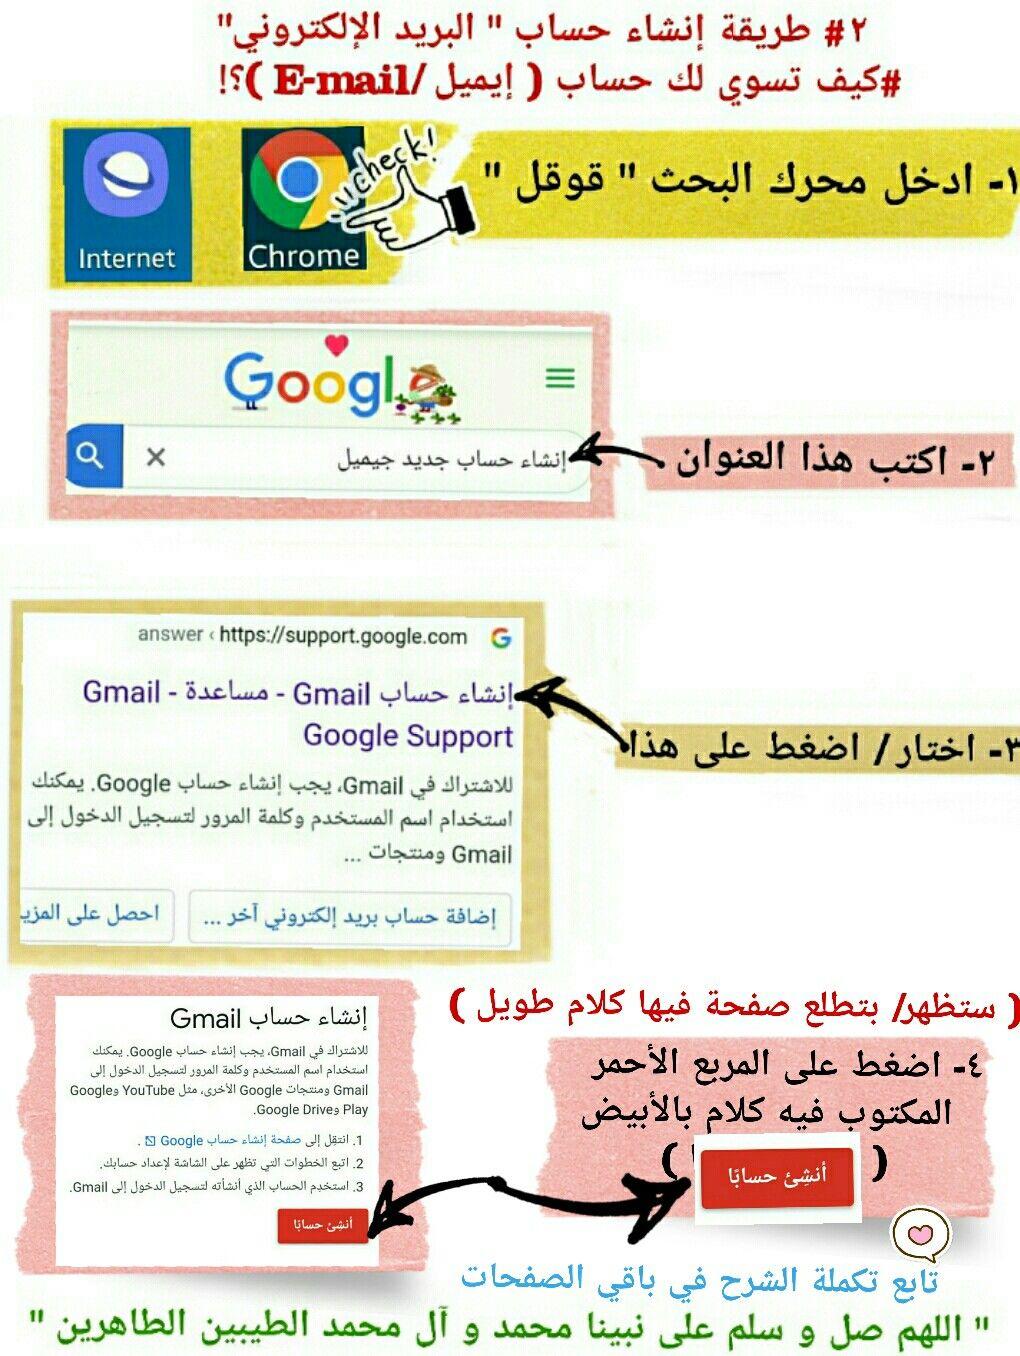 ٢ طريقة إنشاء حساب بريد إلكتروني كيف تسوي لك حساب إيميل E Mail جيميل Gmail G Gmail E أسوي البريد الإلكتروني Supportive Bullet Journal Answers